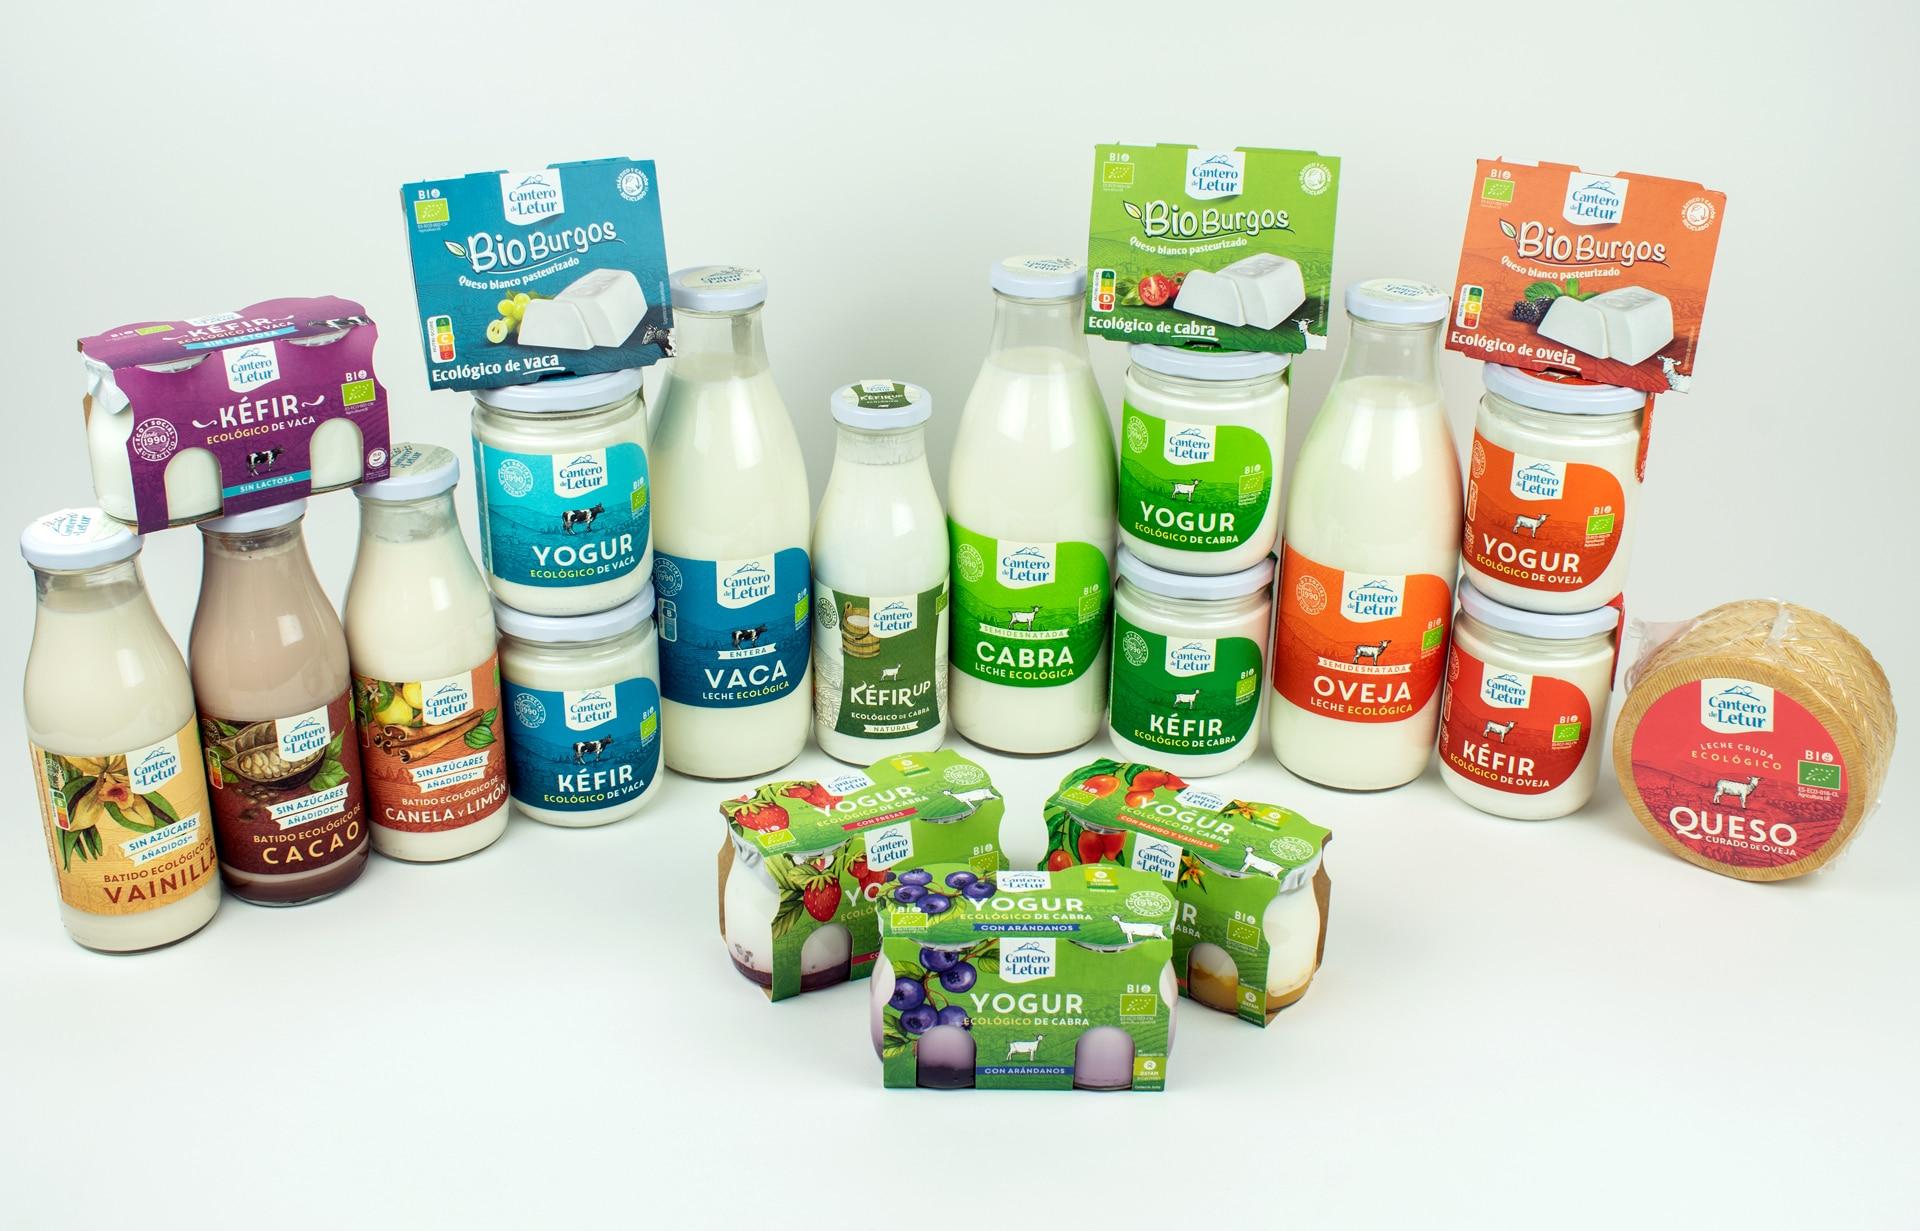 leche-yogur-kefir-batidos-ecologicos-cantero-de-letur